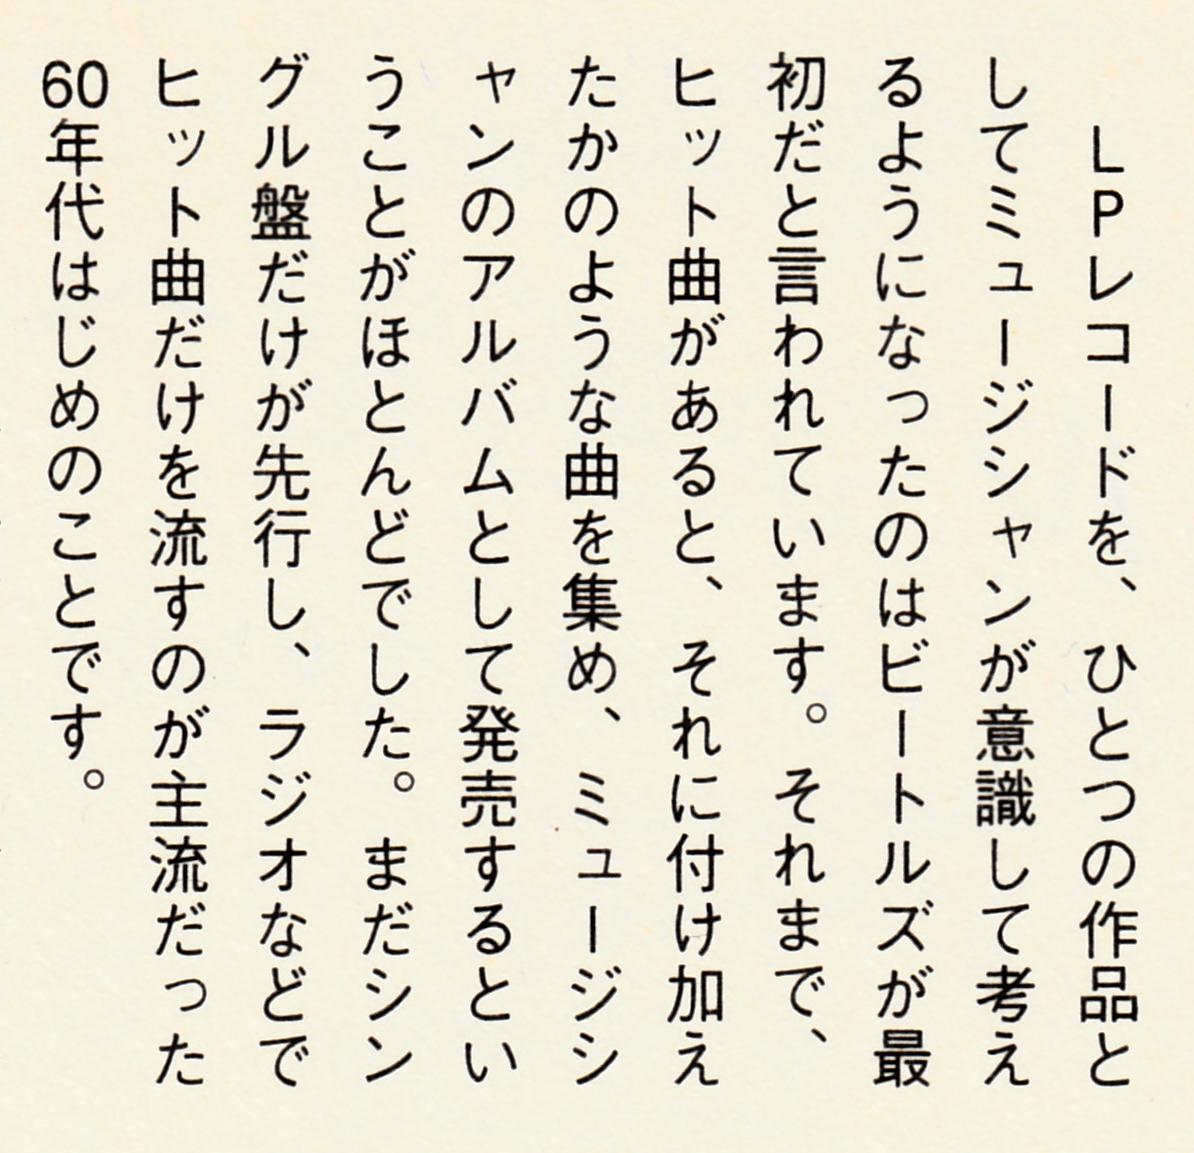 11_クウネル_2002年4月創刊準備号_キャプション_中ゴ.jpg